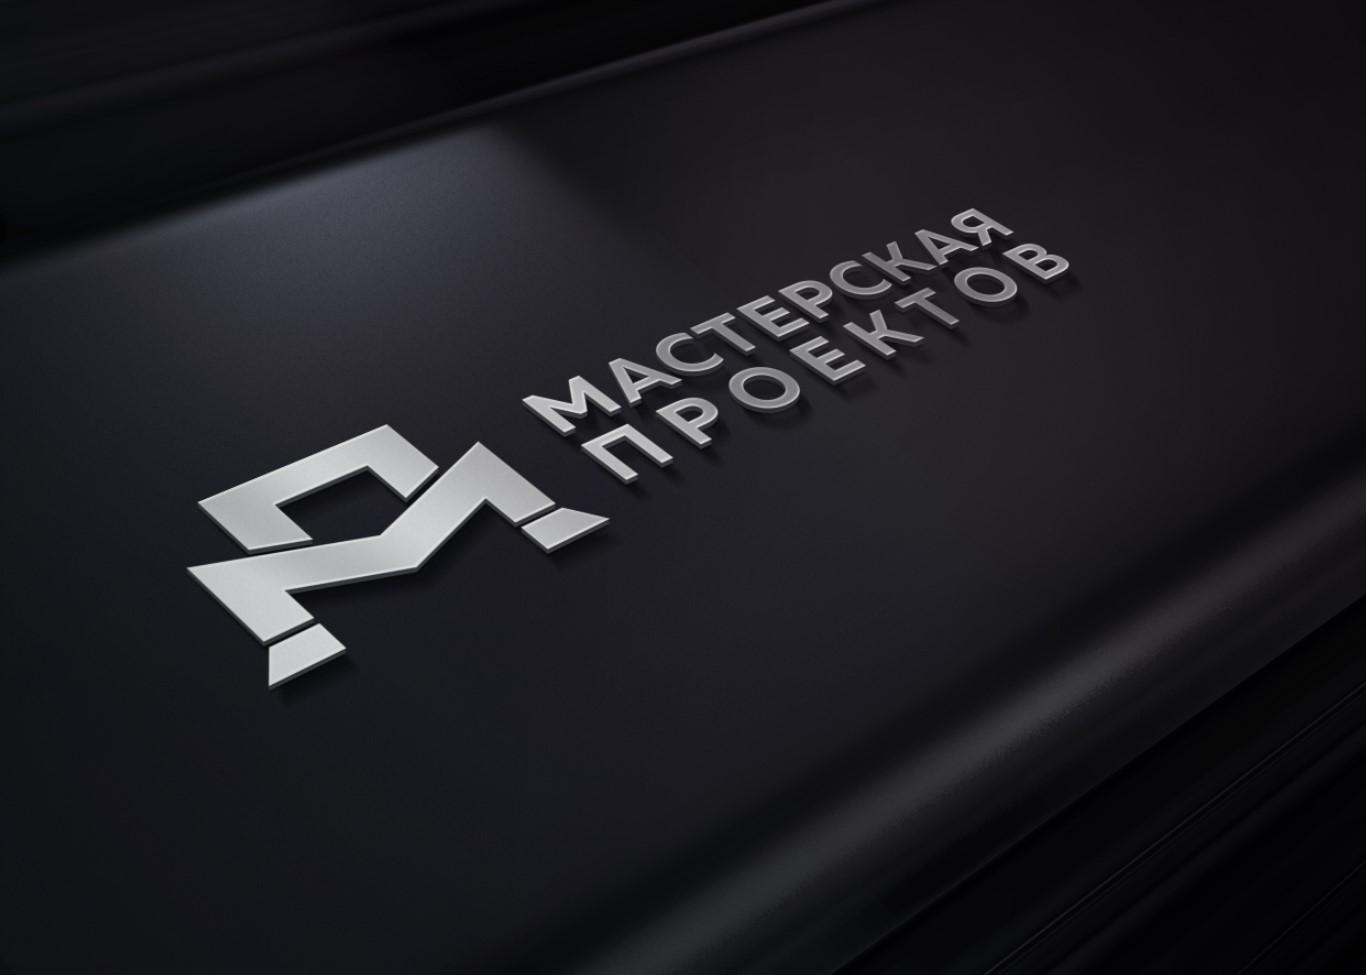 Разработка логотипа строительно-мебельного проекта (см. опис фото f_541606c58b08b6b1.jpg